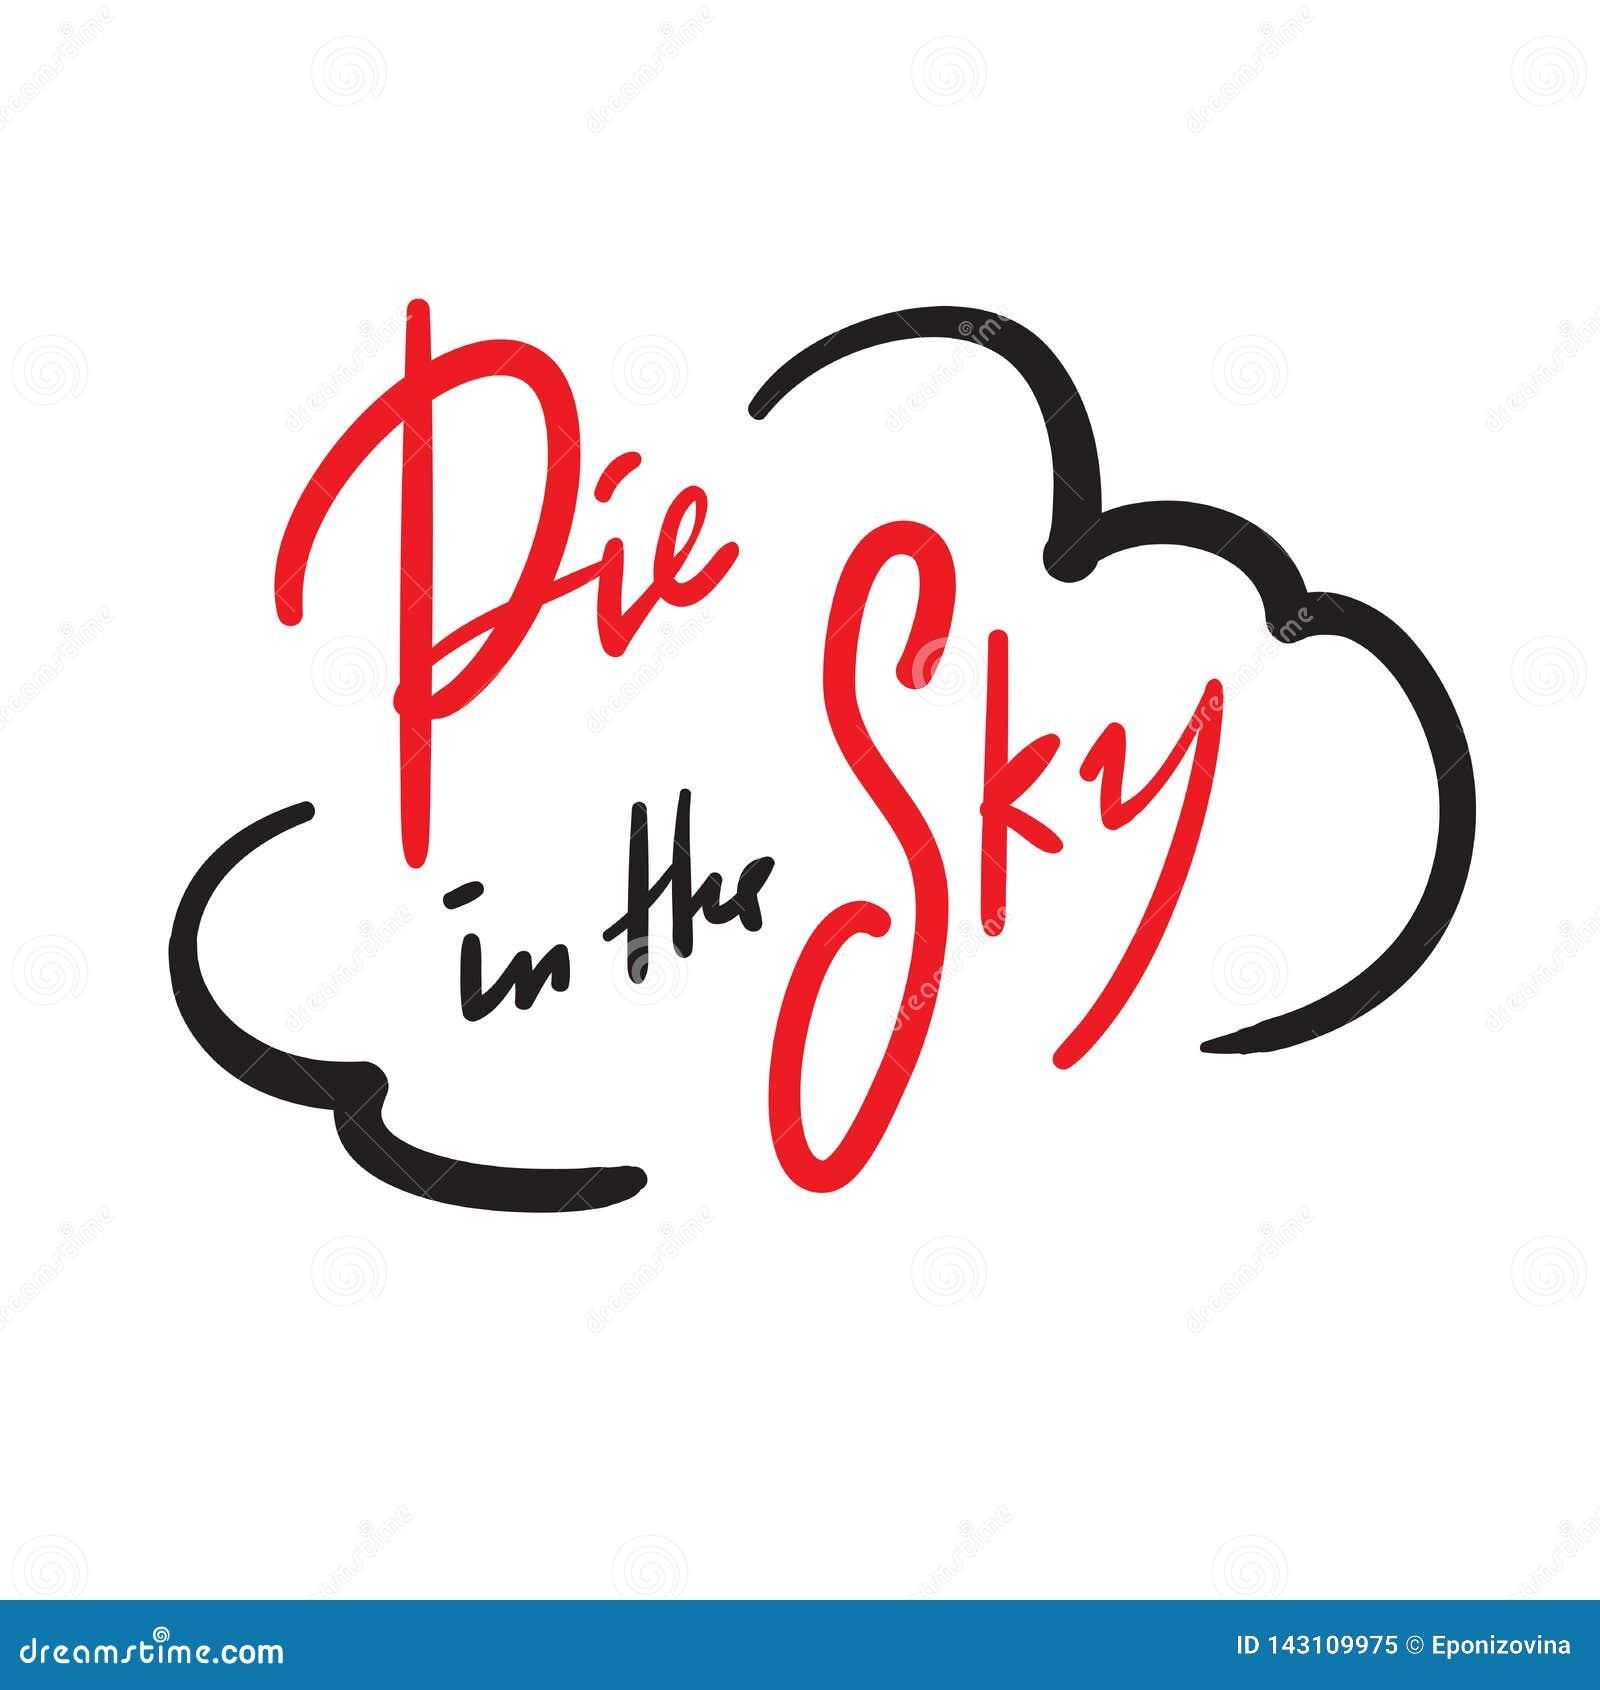 Kulebiak w niebie - prostym inspiruje i motywacyjna wycena Ręcznie pisany zwrot argot druk